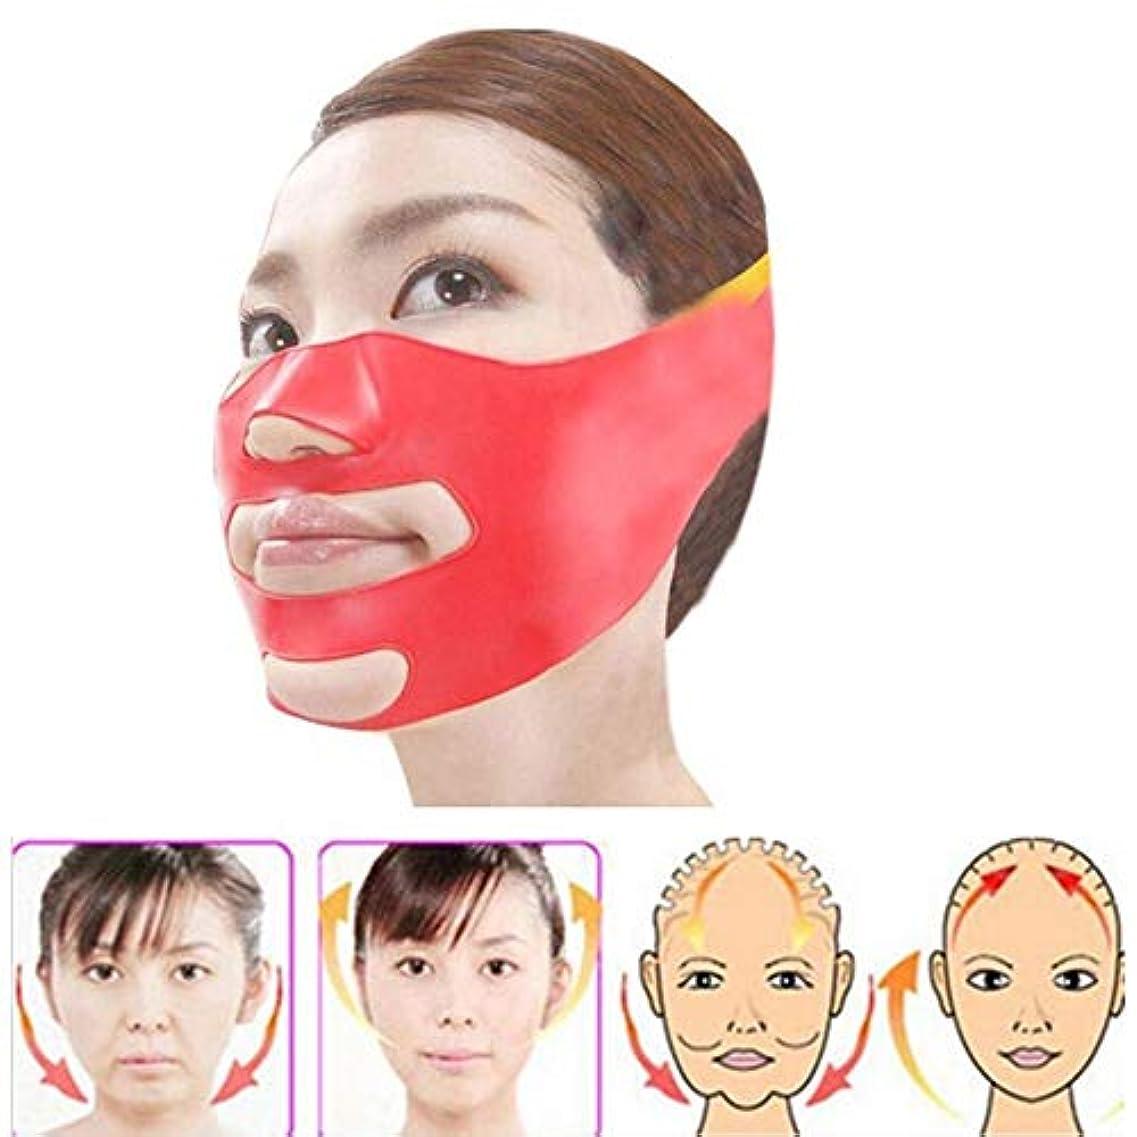 事前薬局取得するフェイスベルト 小顔 マスク リフトアップ Cinsey 小顔ベルト 美顔 小顔 矯正 顔痩せ マスク シリコン 抗しわ 皮膚改善 軽量 通気性